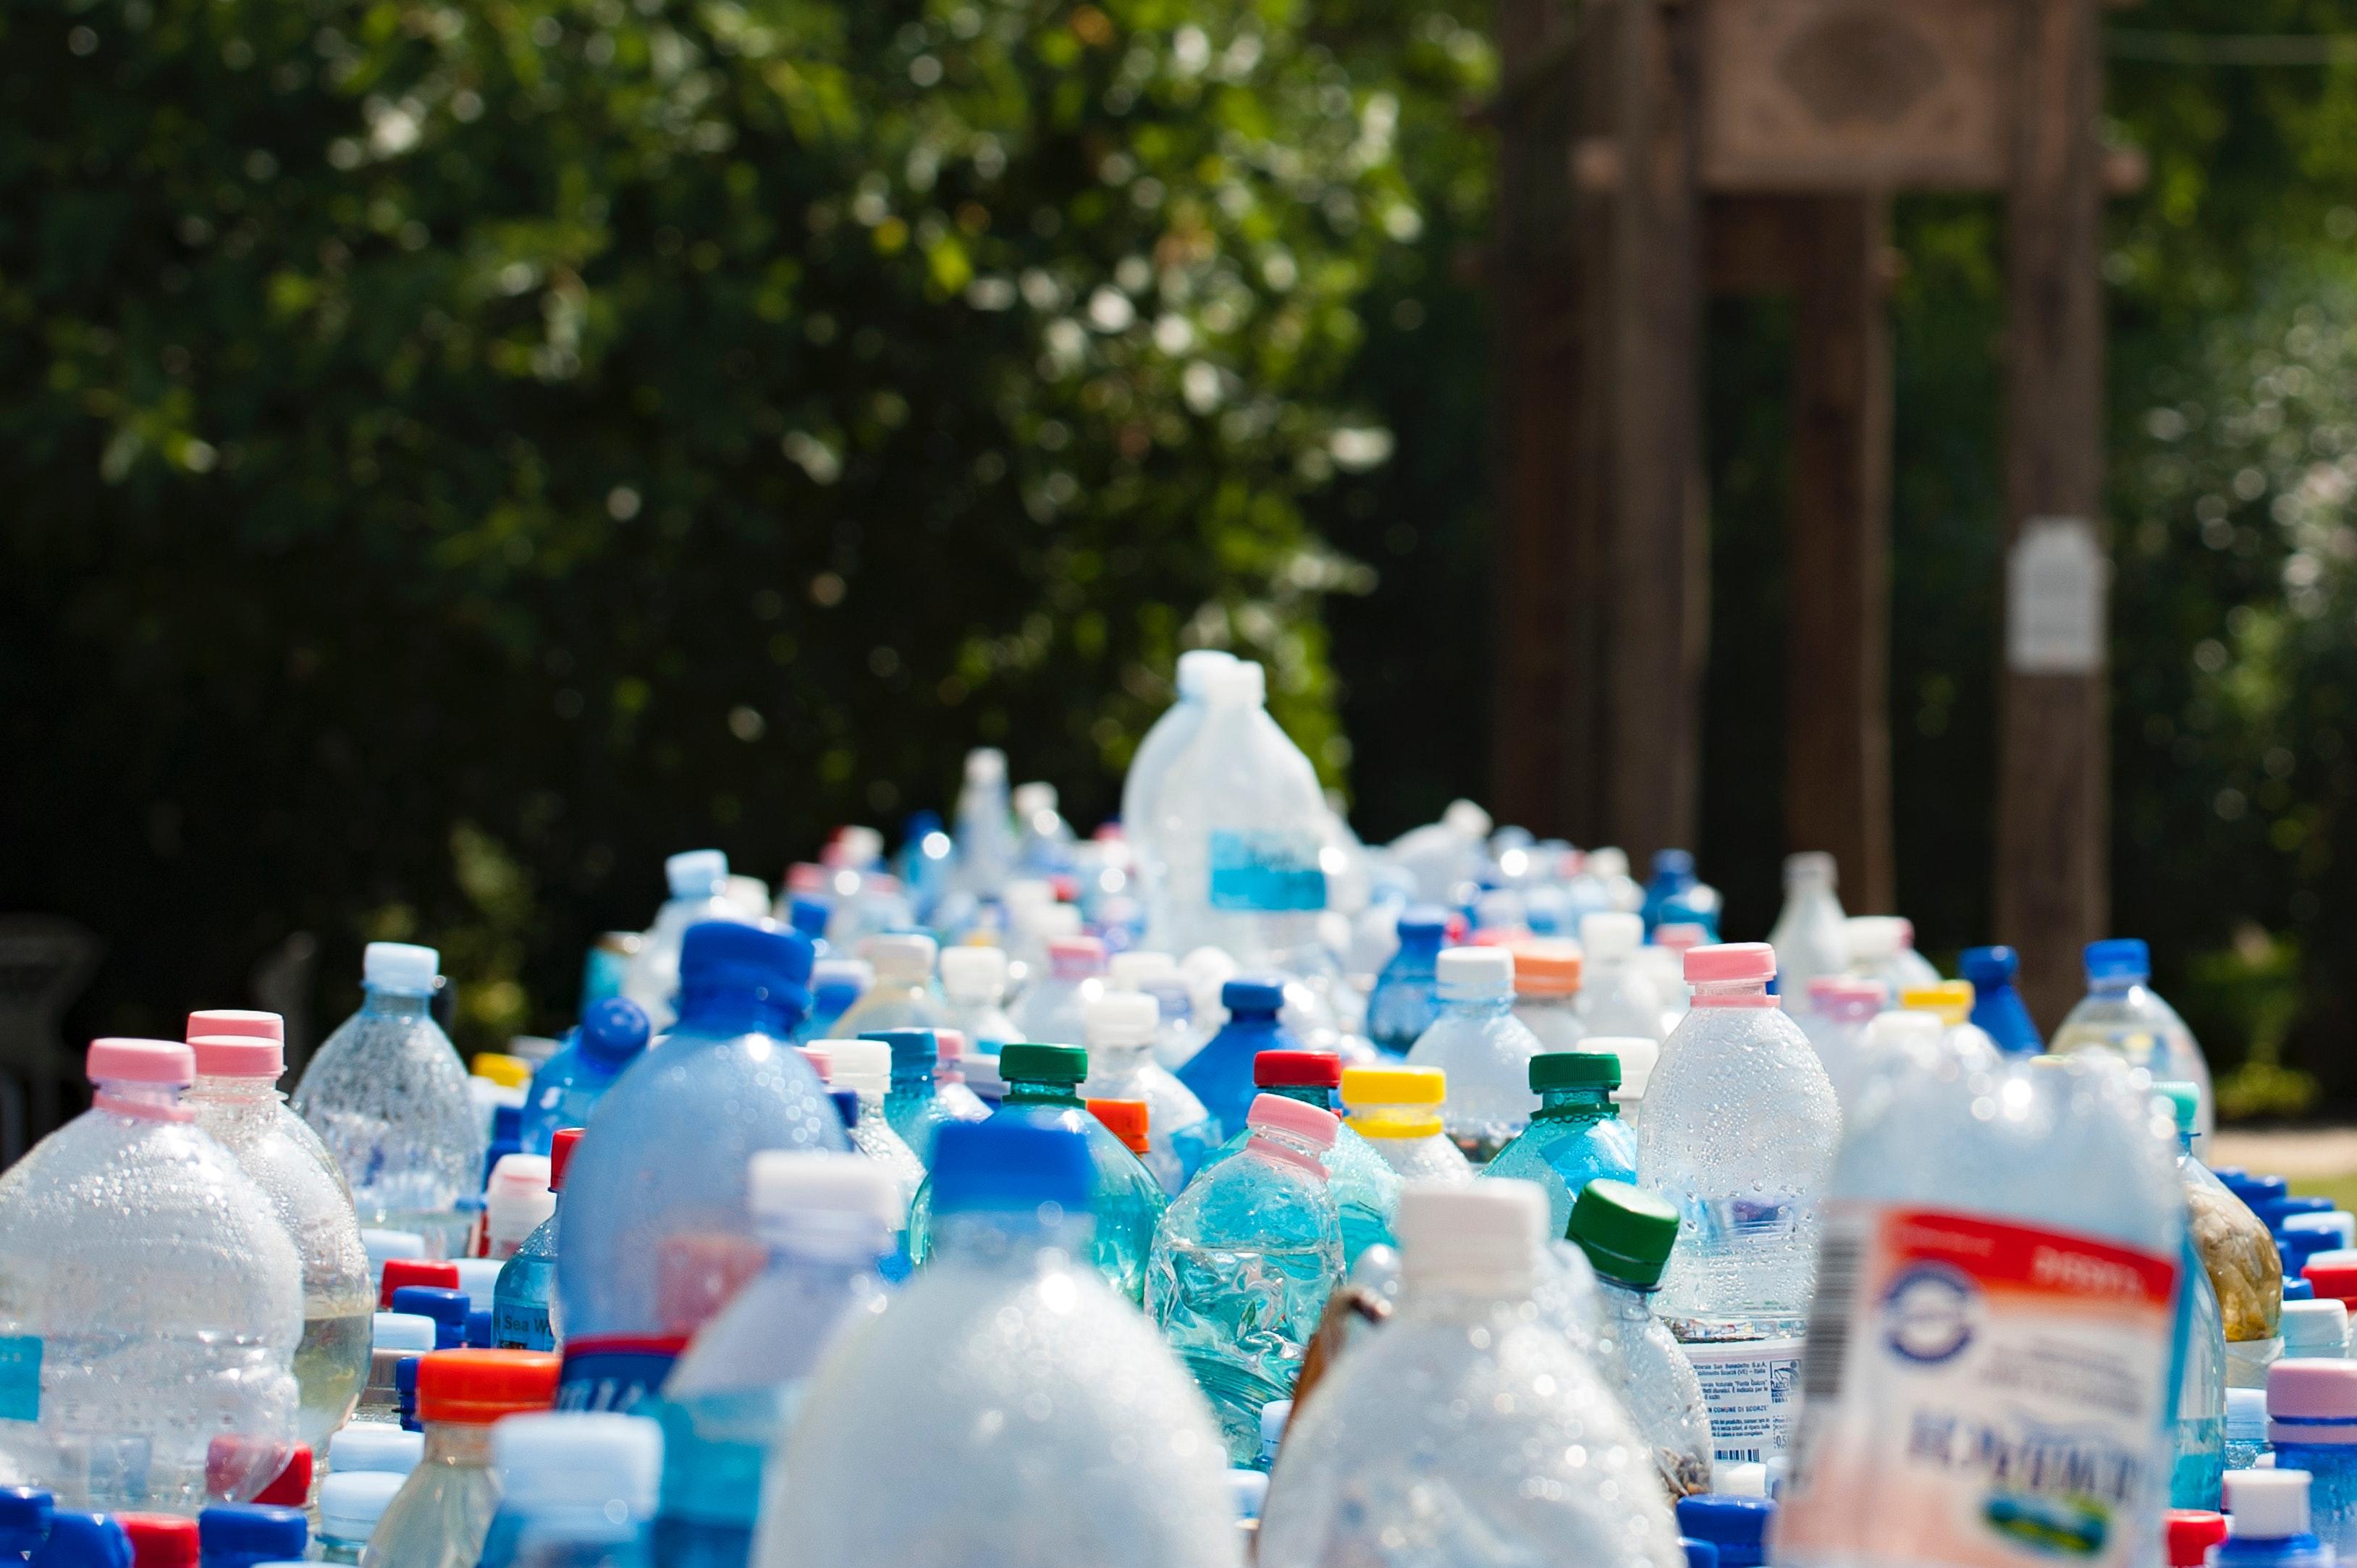 European Union against plastic